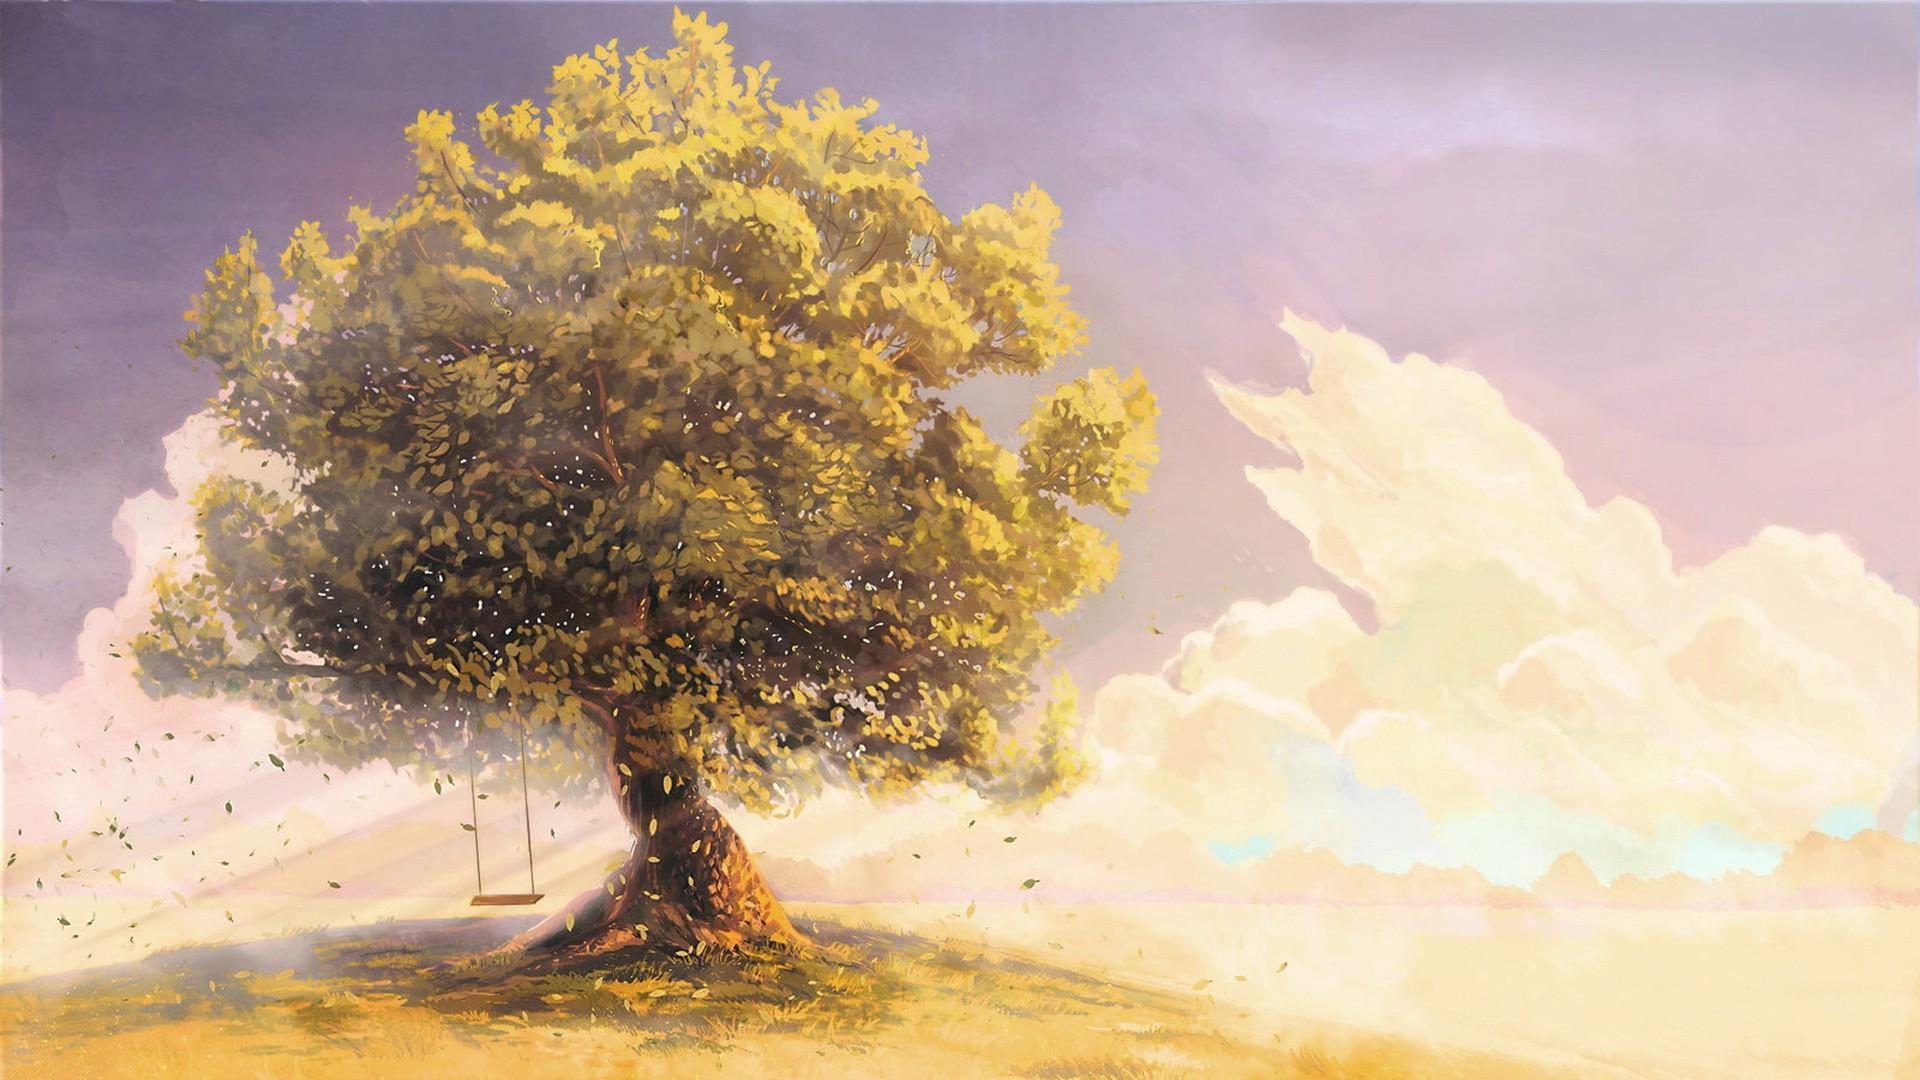 Masaüstü Güneş ışığı Ağaçlar Boyama Fantezi Sanatı Gökyüzü